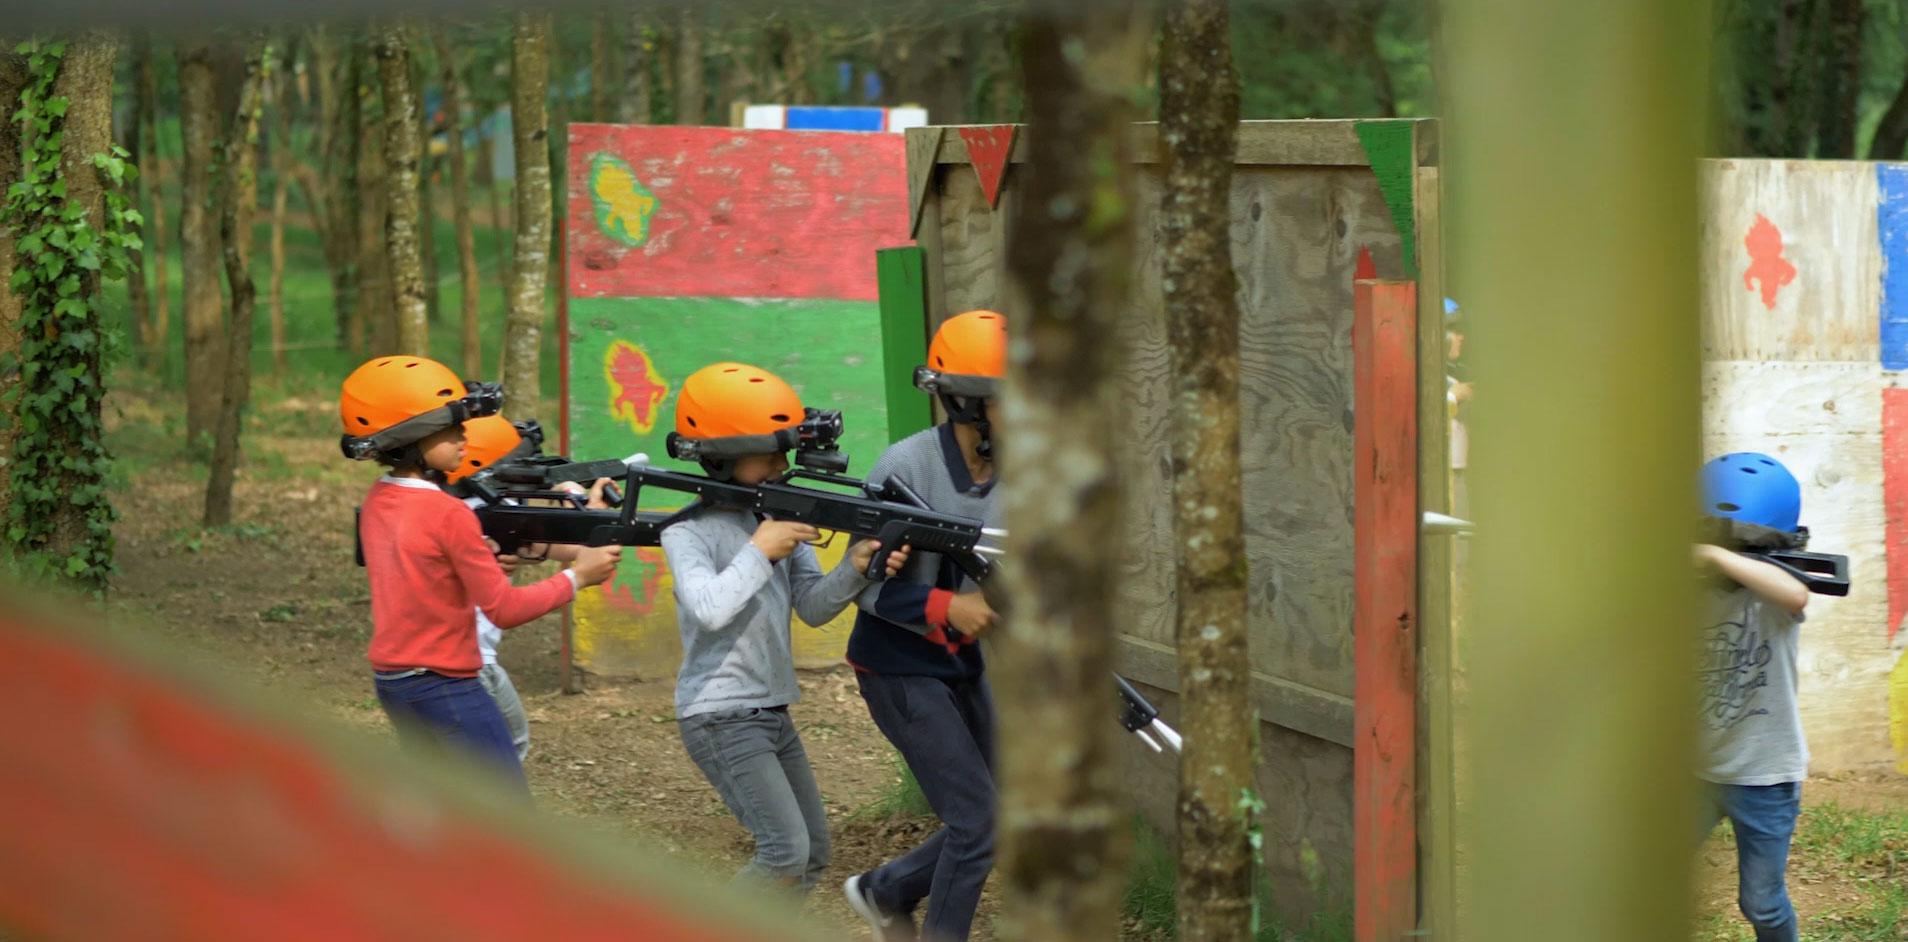 sortie scolaire laser tag parc de loisirs multi activites savenay 44